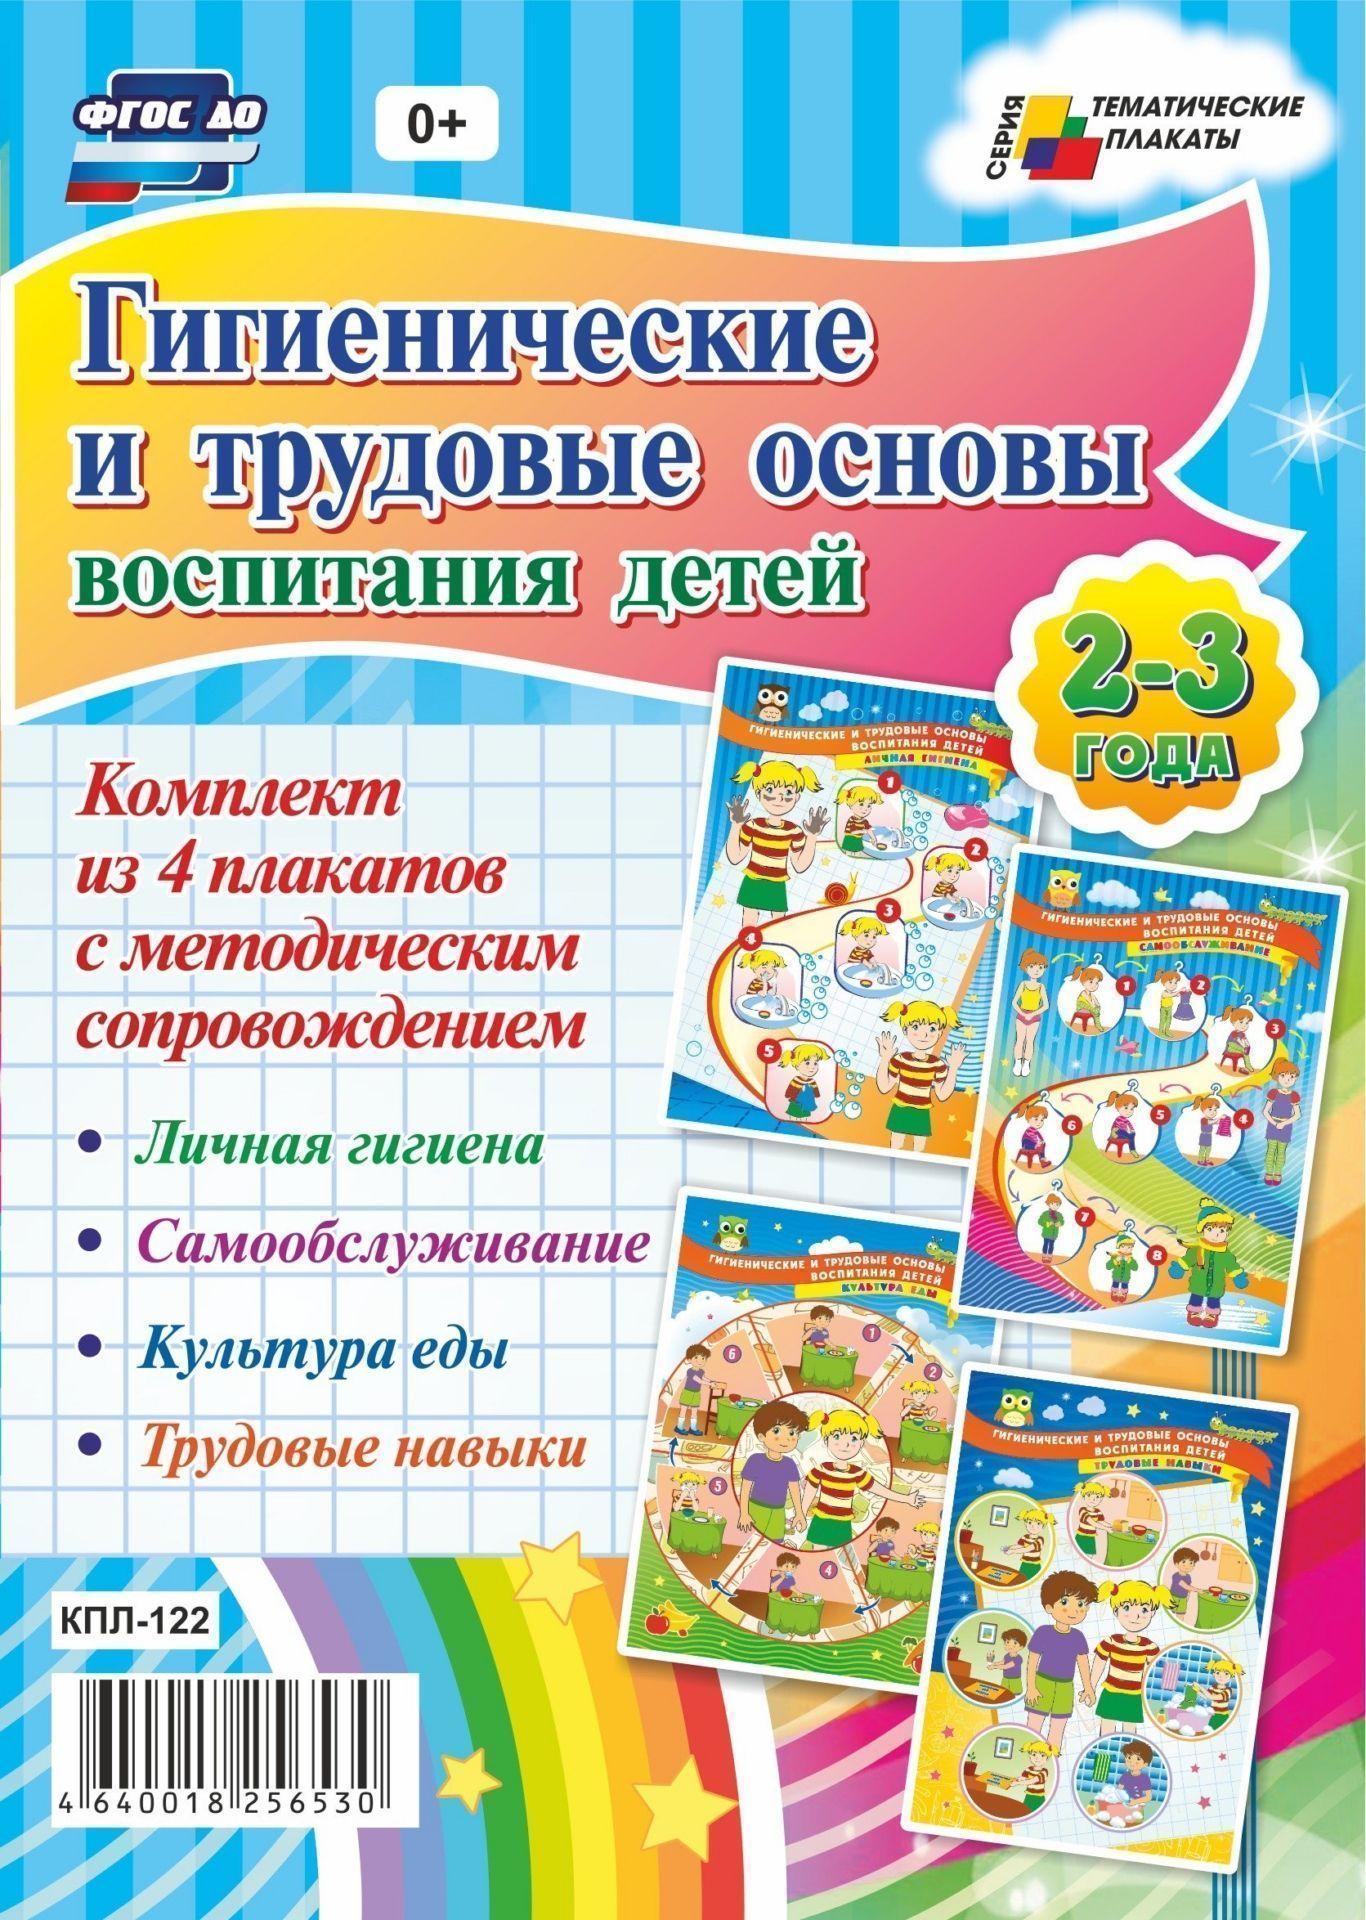 Комплект плакатов Гигиенические и трудовые основы воспитания детей дошкольного возраста. 2-3 года: 4 плаката с методическим сопровождениемТематические плакаты<br>.<br><br>Год: 2017<br>Серия: Тематические плакаты<br>Высота: 297<br>Ширина: 420